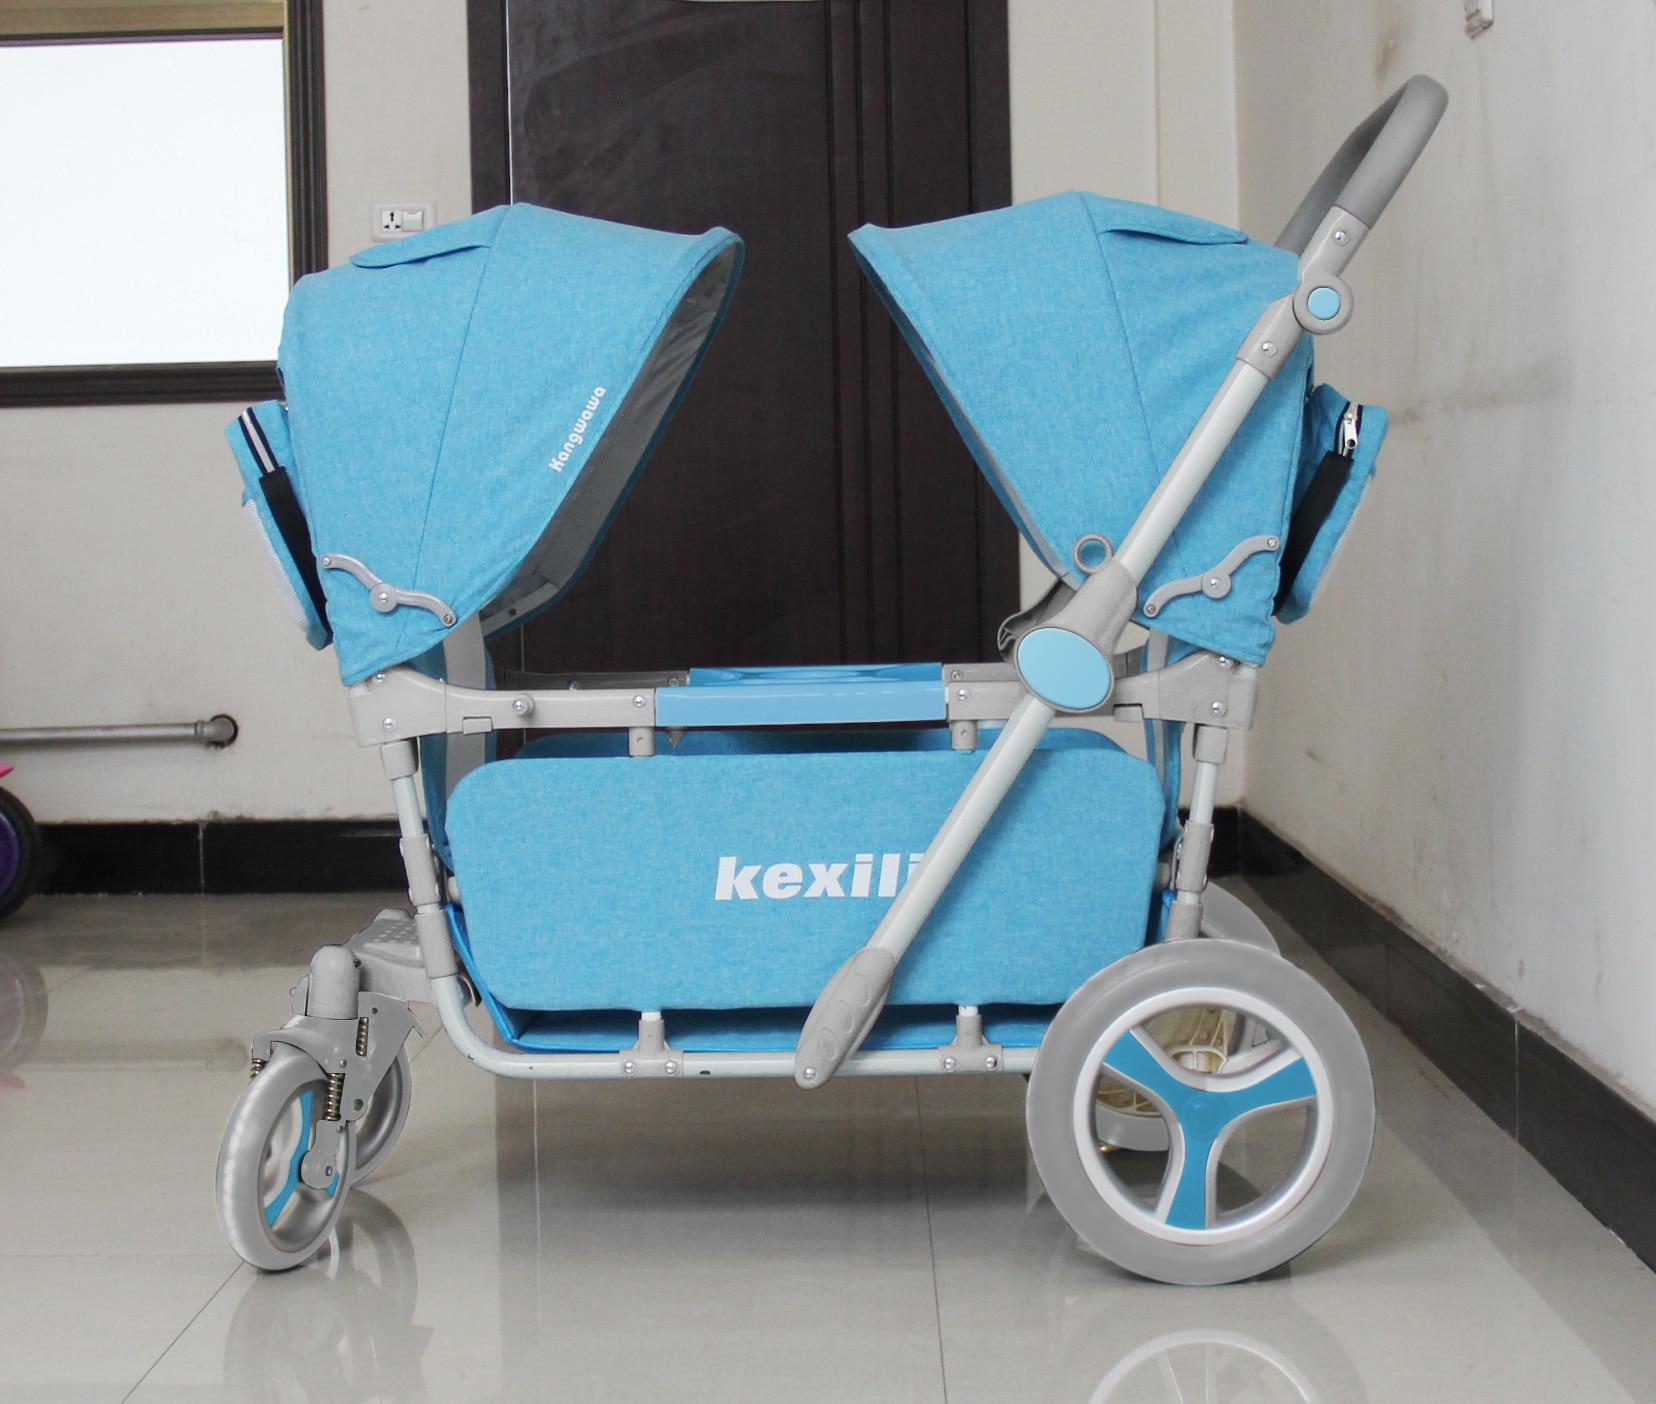 Kembar Stroller Beli Murah Kembar Stroller Lots From China Kembar